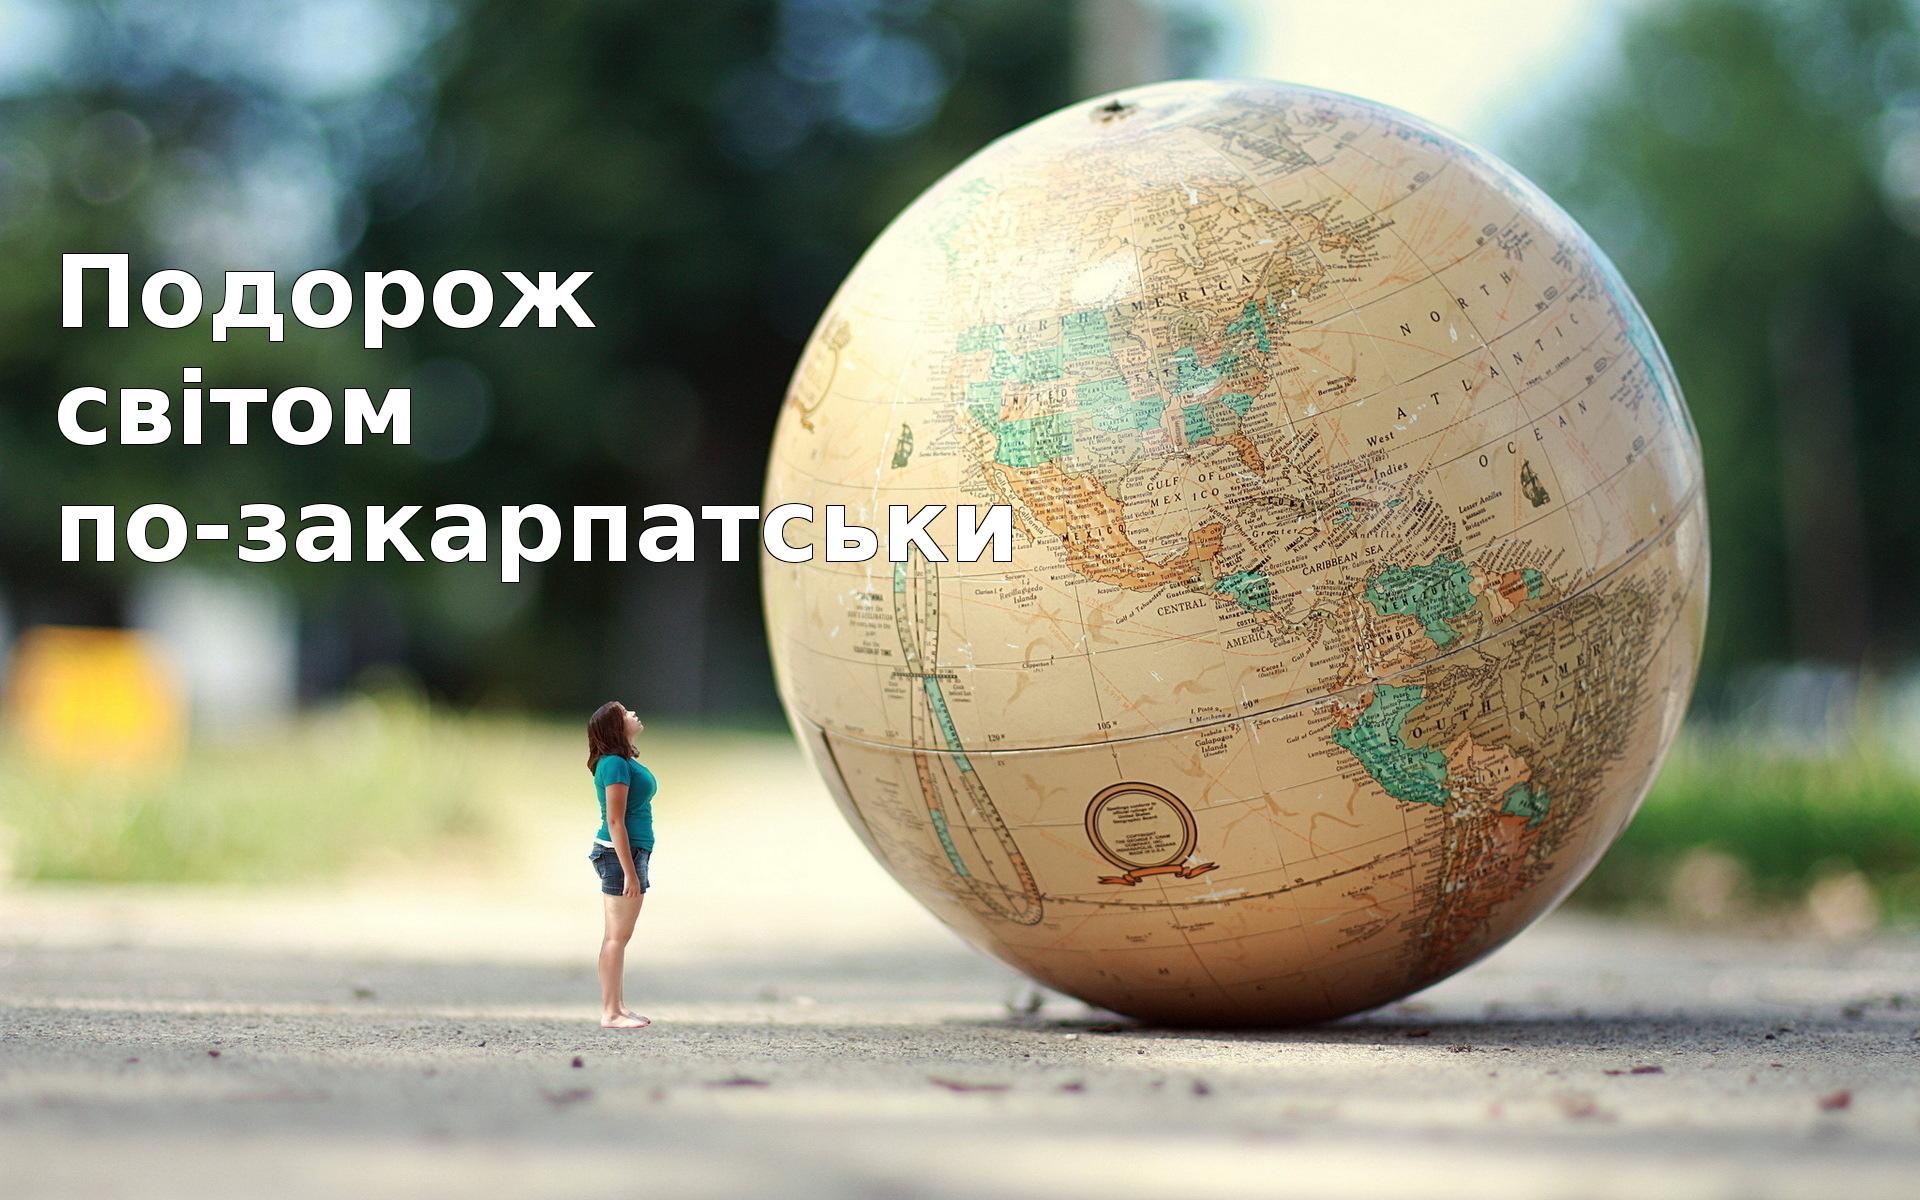 Подорож світом по-закарпатськи